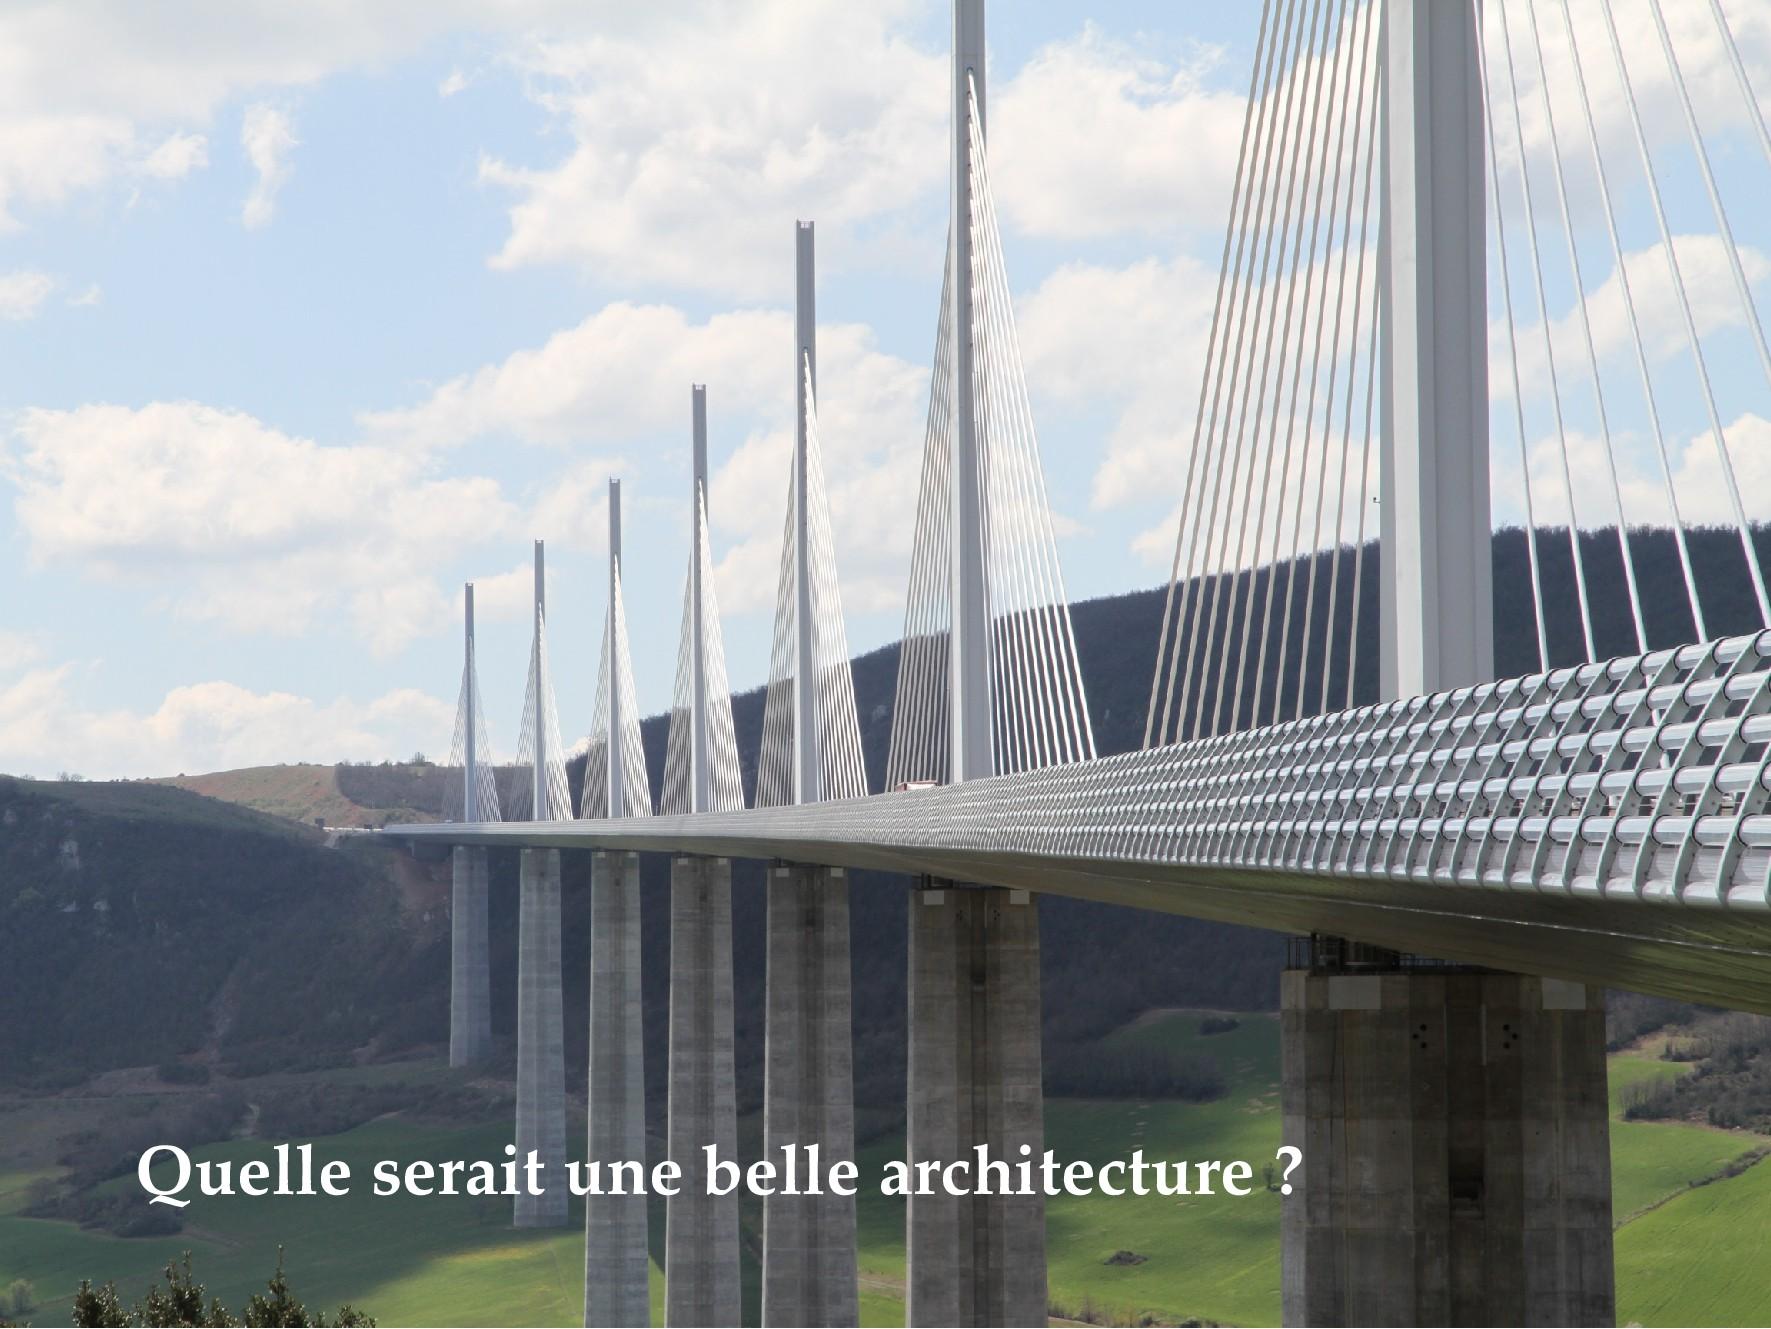 Quelle serait une belle architecture ?